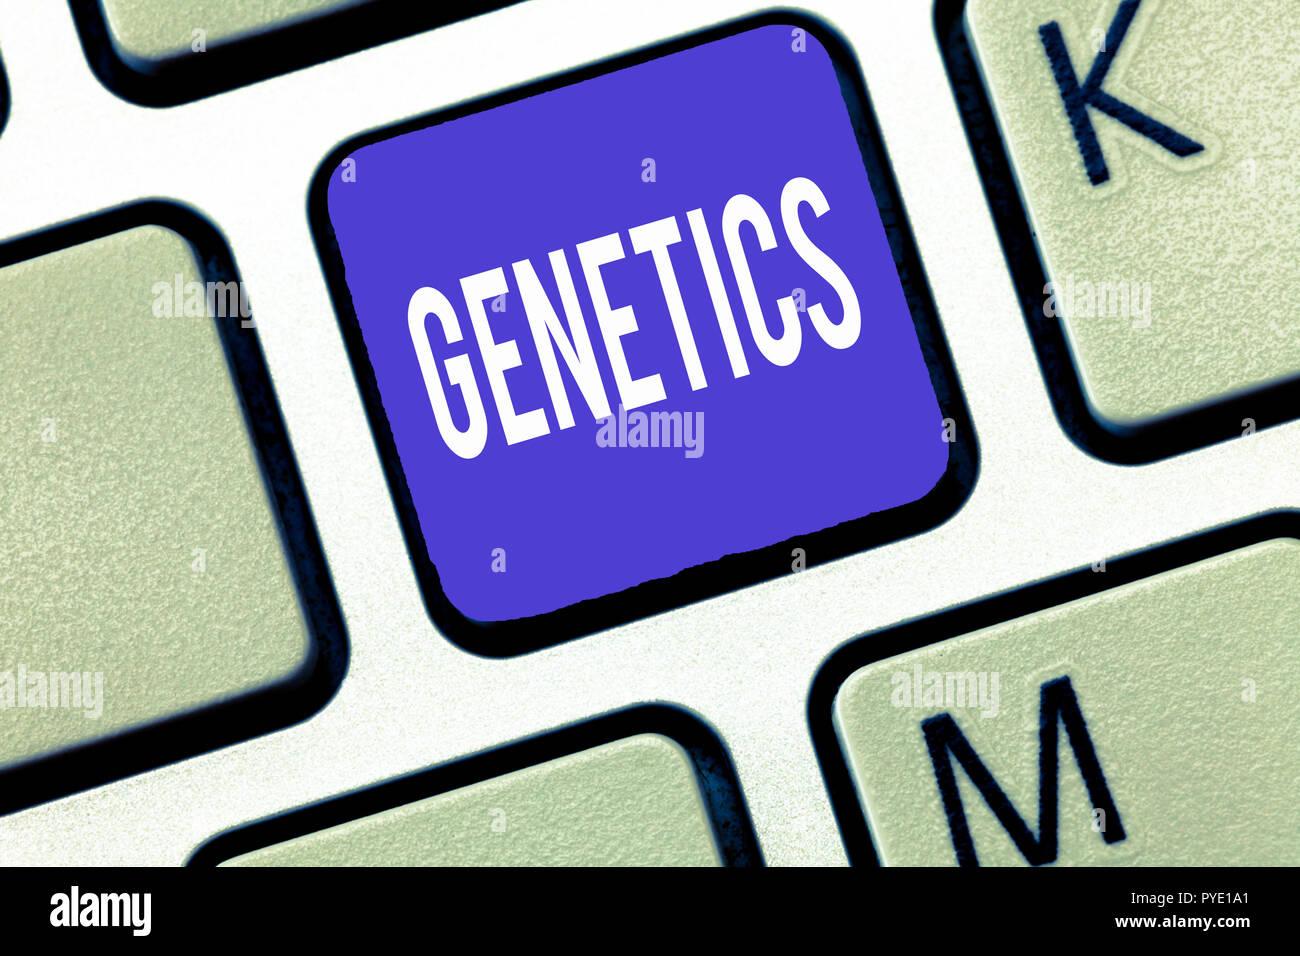 Parola di scrittura di testo di genetica. Il concetto di business per lo studio dell'eredità e la variazione delle caratteristiche ereditarie. Immagini Stock